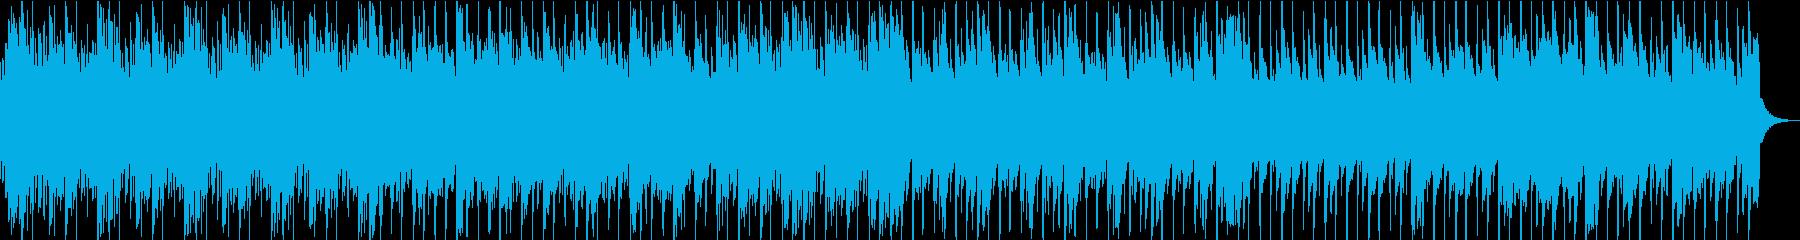 和風のゆったりとした琴と笛の再生済みの波形